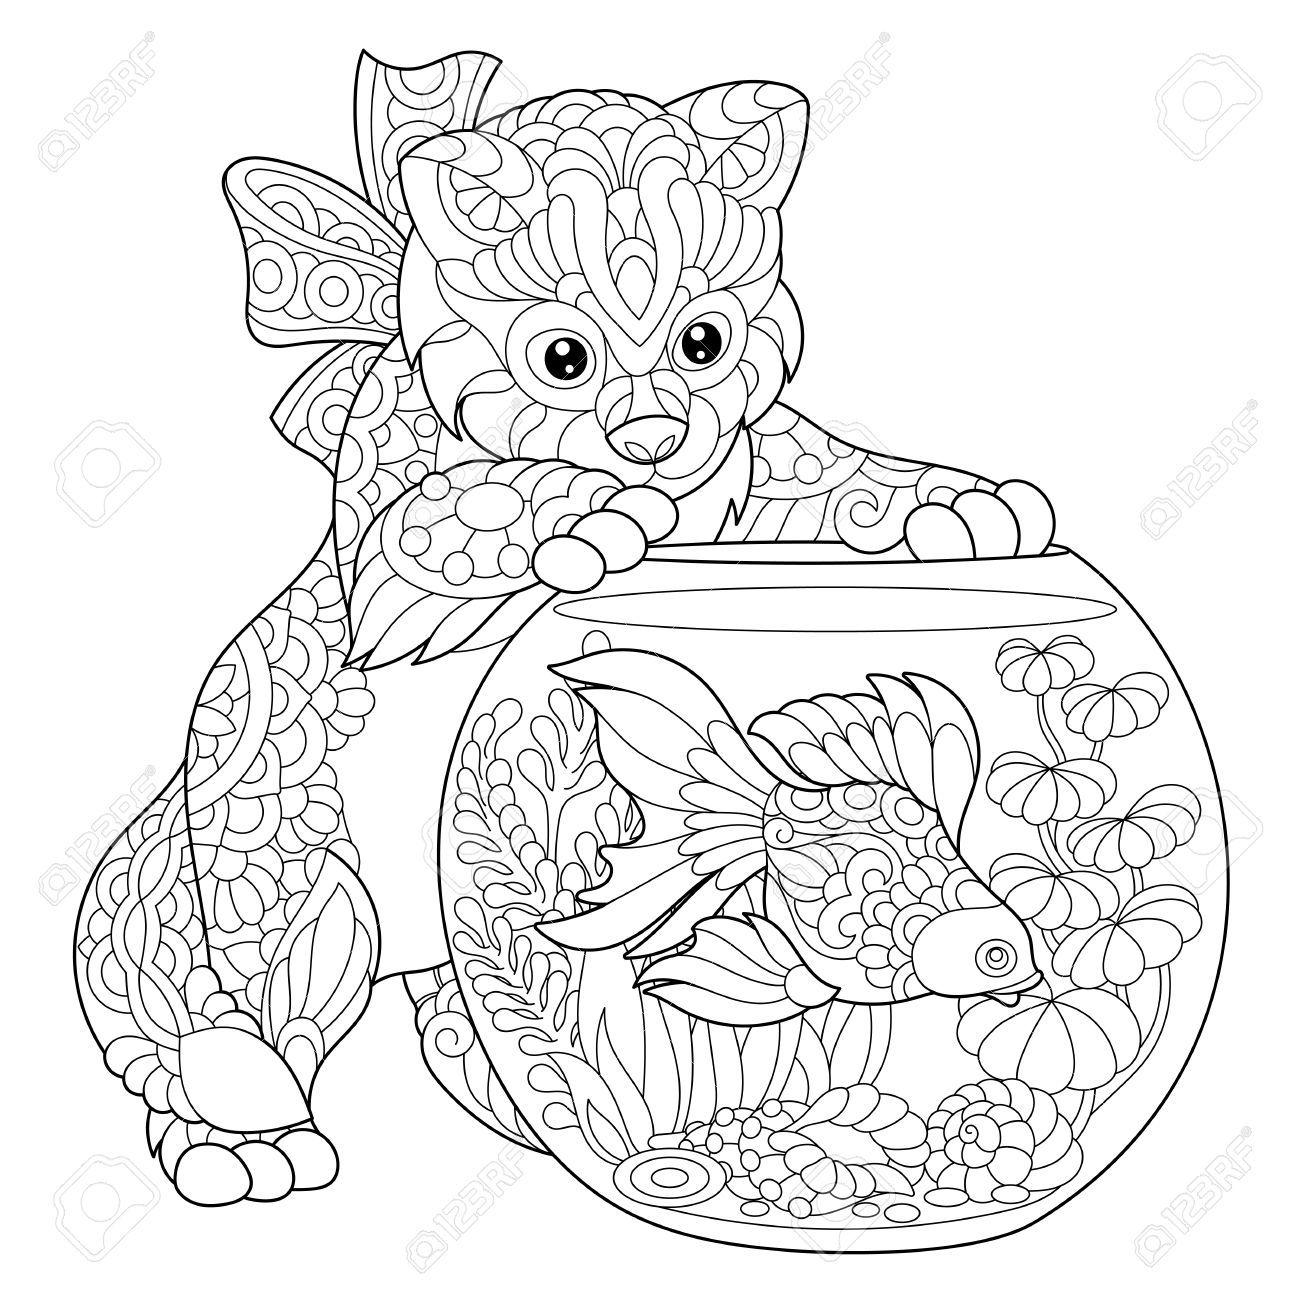 Kleurplaat Van Kitten Af Over Goudvis In Het Aquarium Schets Uit De Vrije Hand Tekenen Voor Volwassen Antistress Kleurboek Met Doodle En Zentangle Elementen Mandala Kleurplaten Gratis Kleurplaten Kleurboek